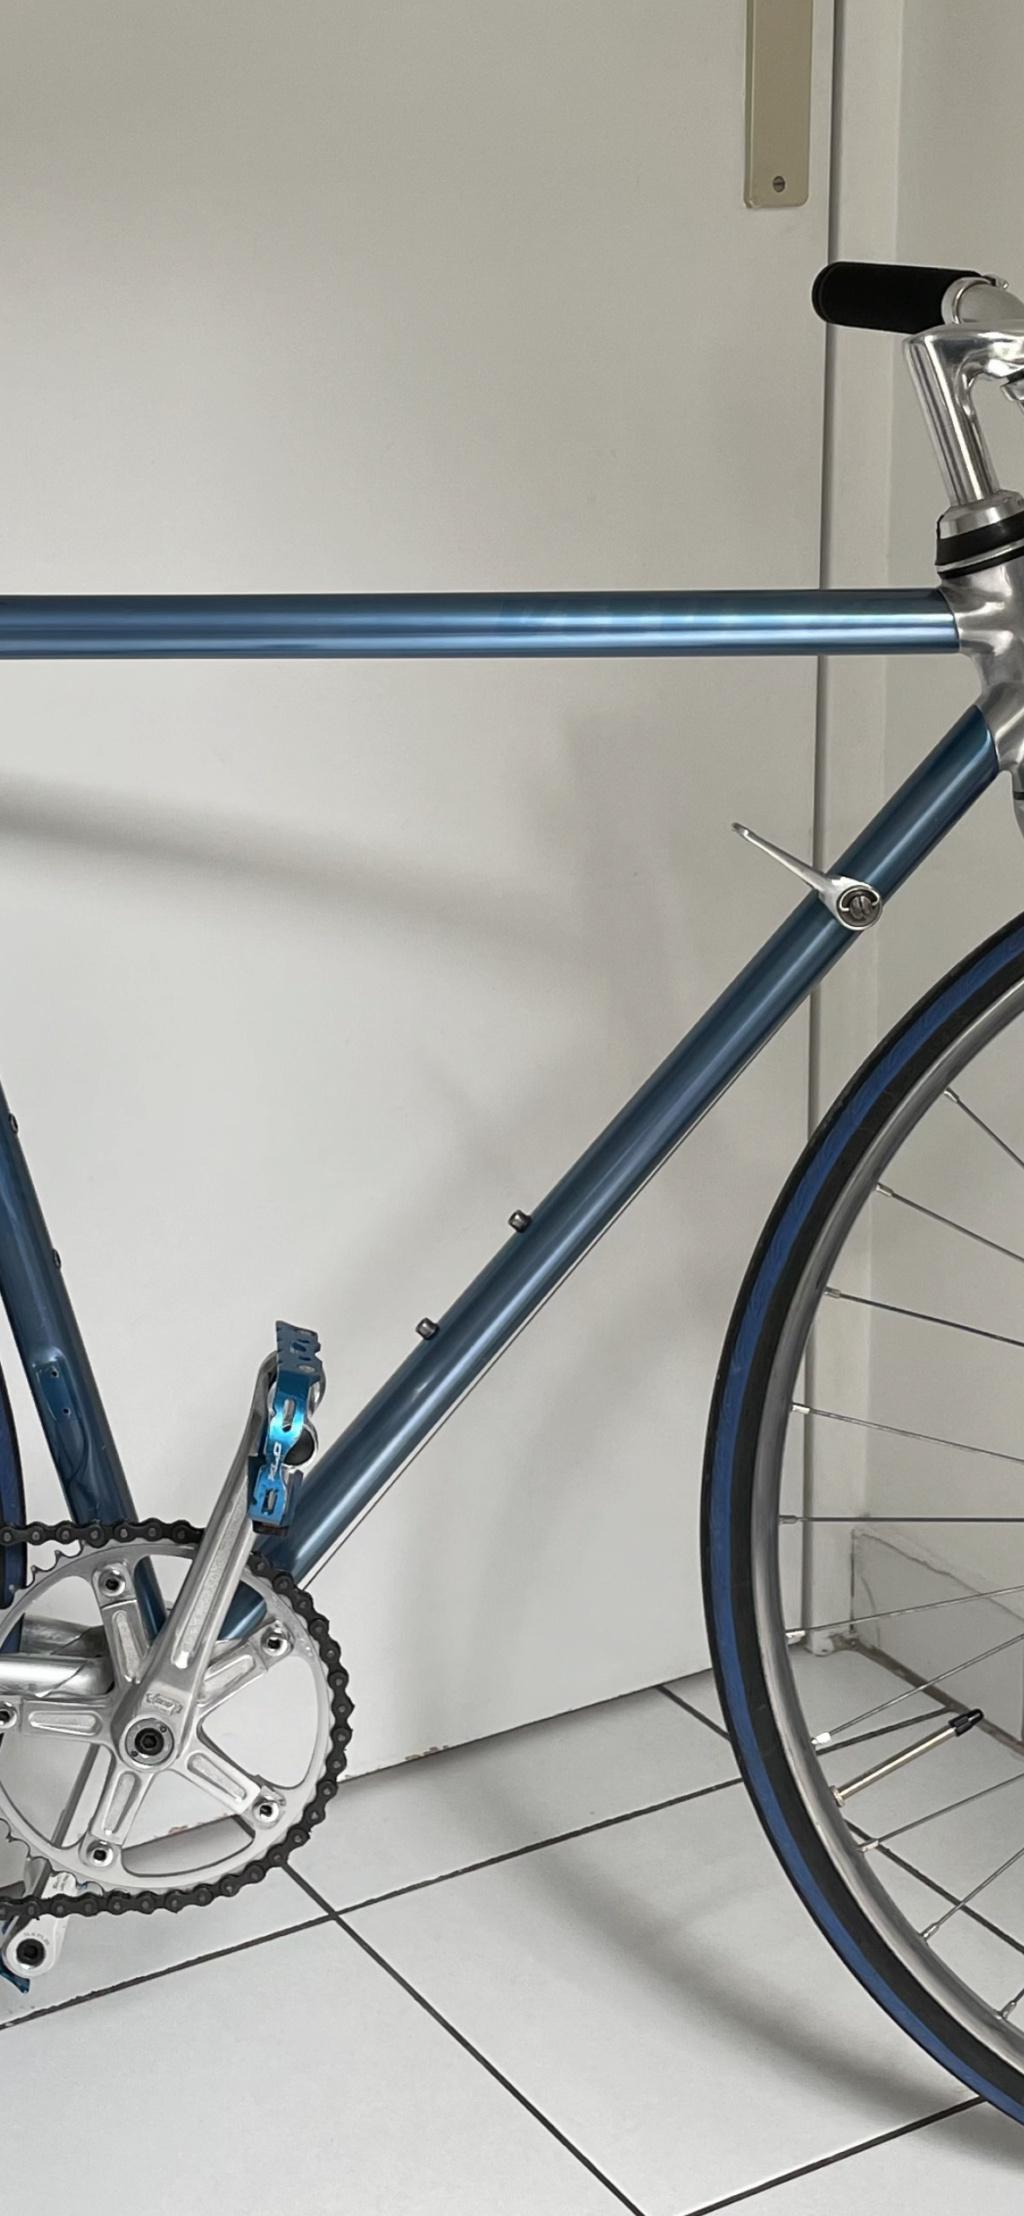 Vitus 992 - Rénovation de la couleur de l'alu anodisée / Résolu 326f7d10